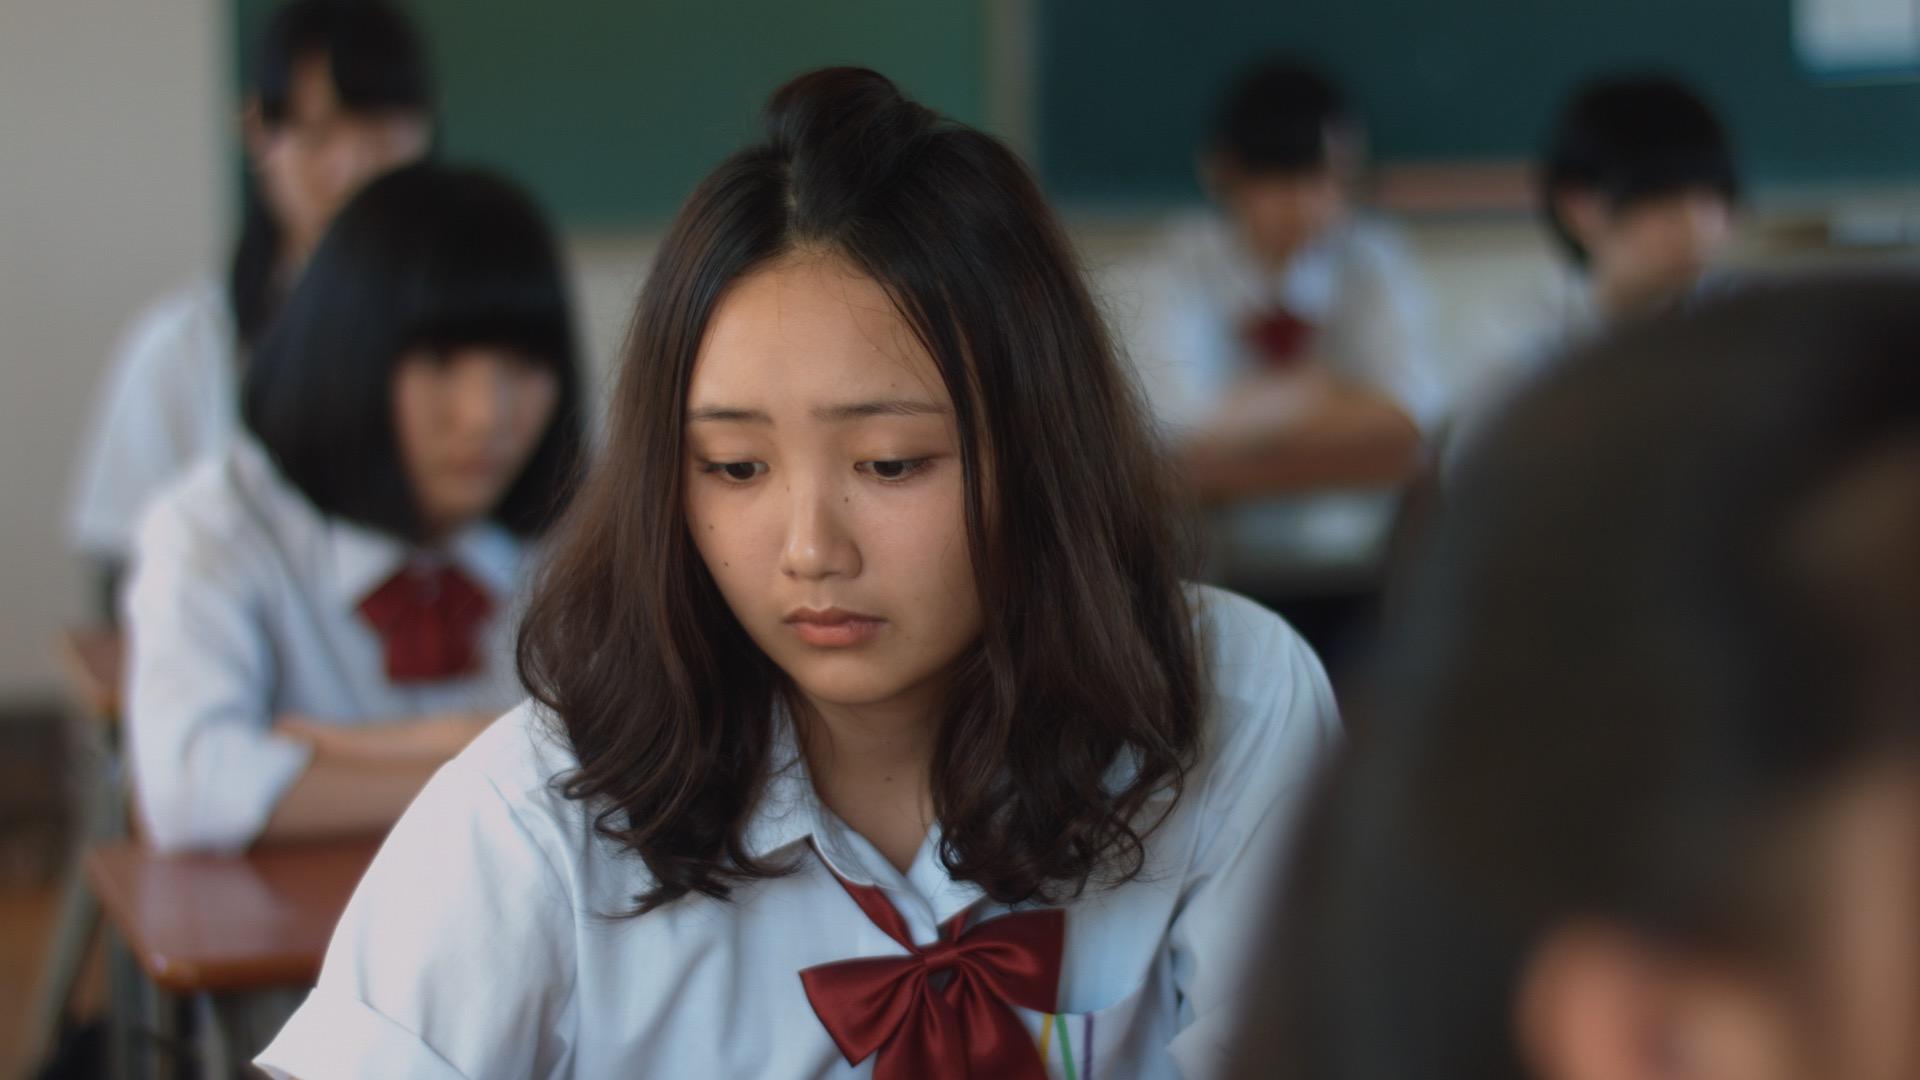 出演女優の手島実優(てしま みゆう)さんも参加します!